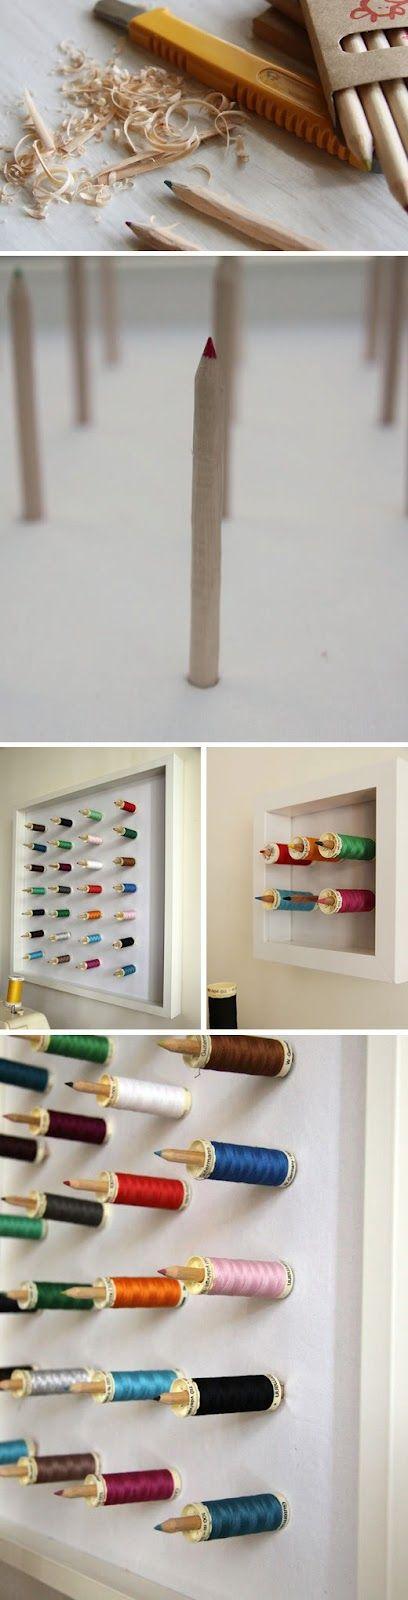 lápices atornillados a una base de madera puedes tener un organizador  de bobinas de hilo para coser.